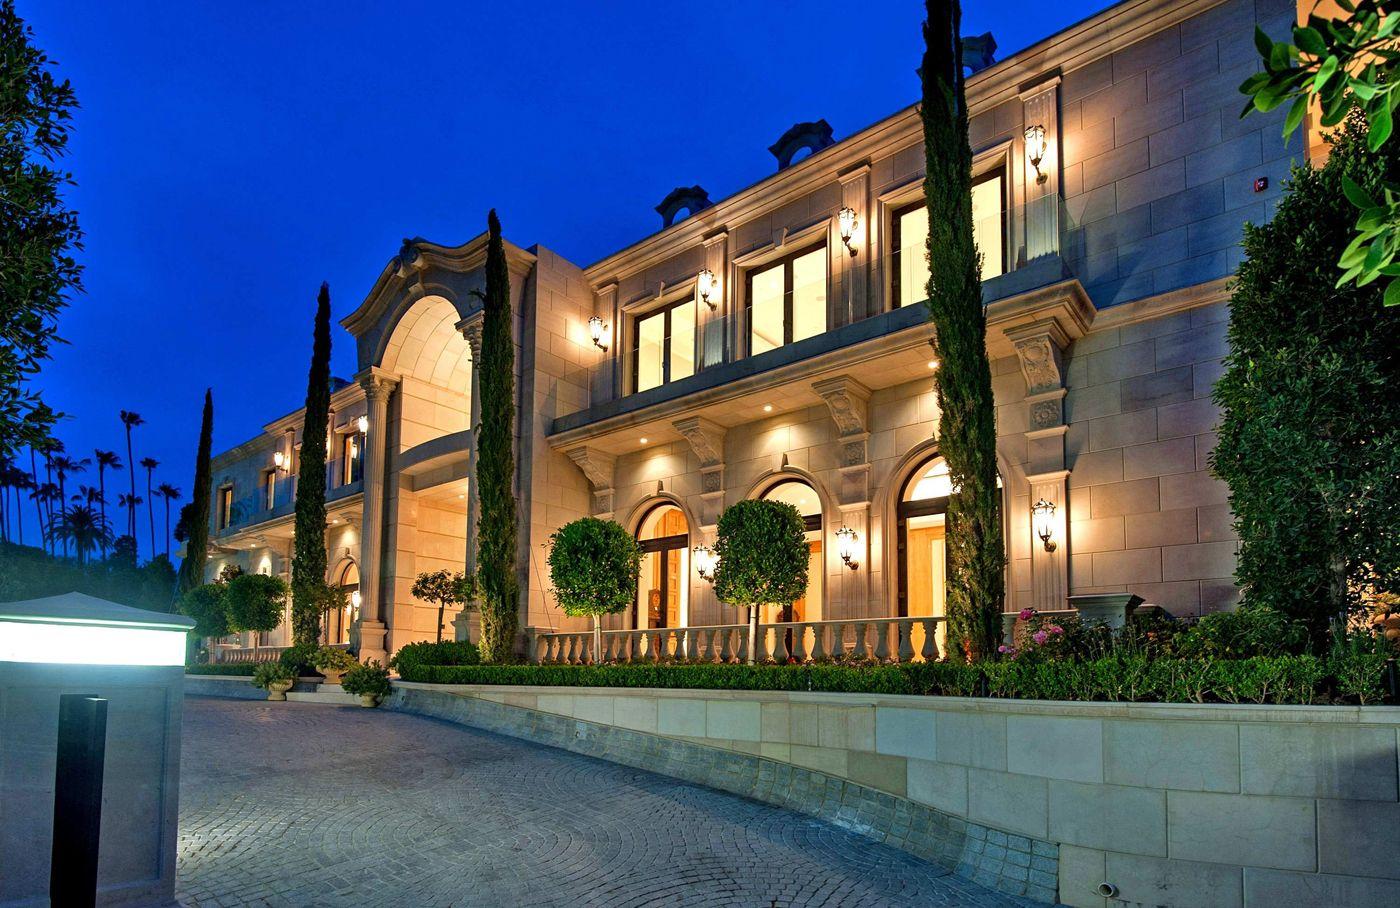 Mohamed hadids 58 million estate for sale in beverly hills for Mansion estates for sale